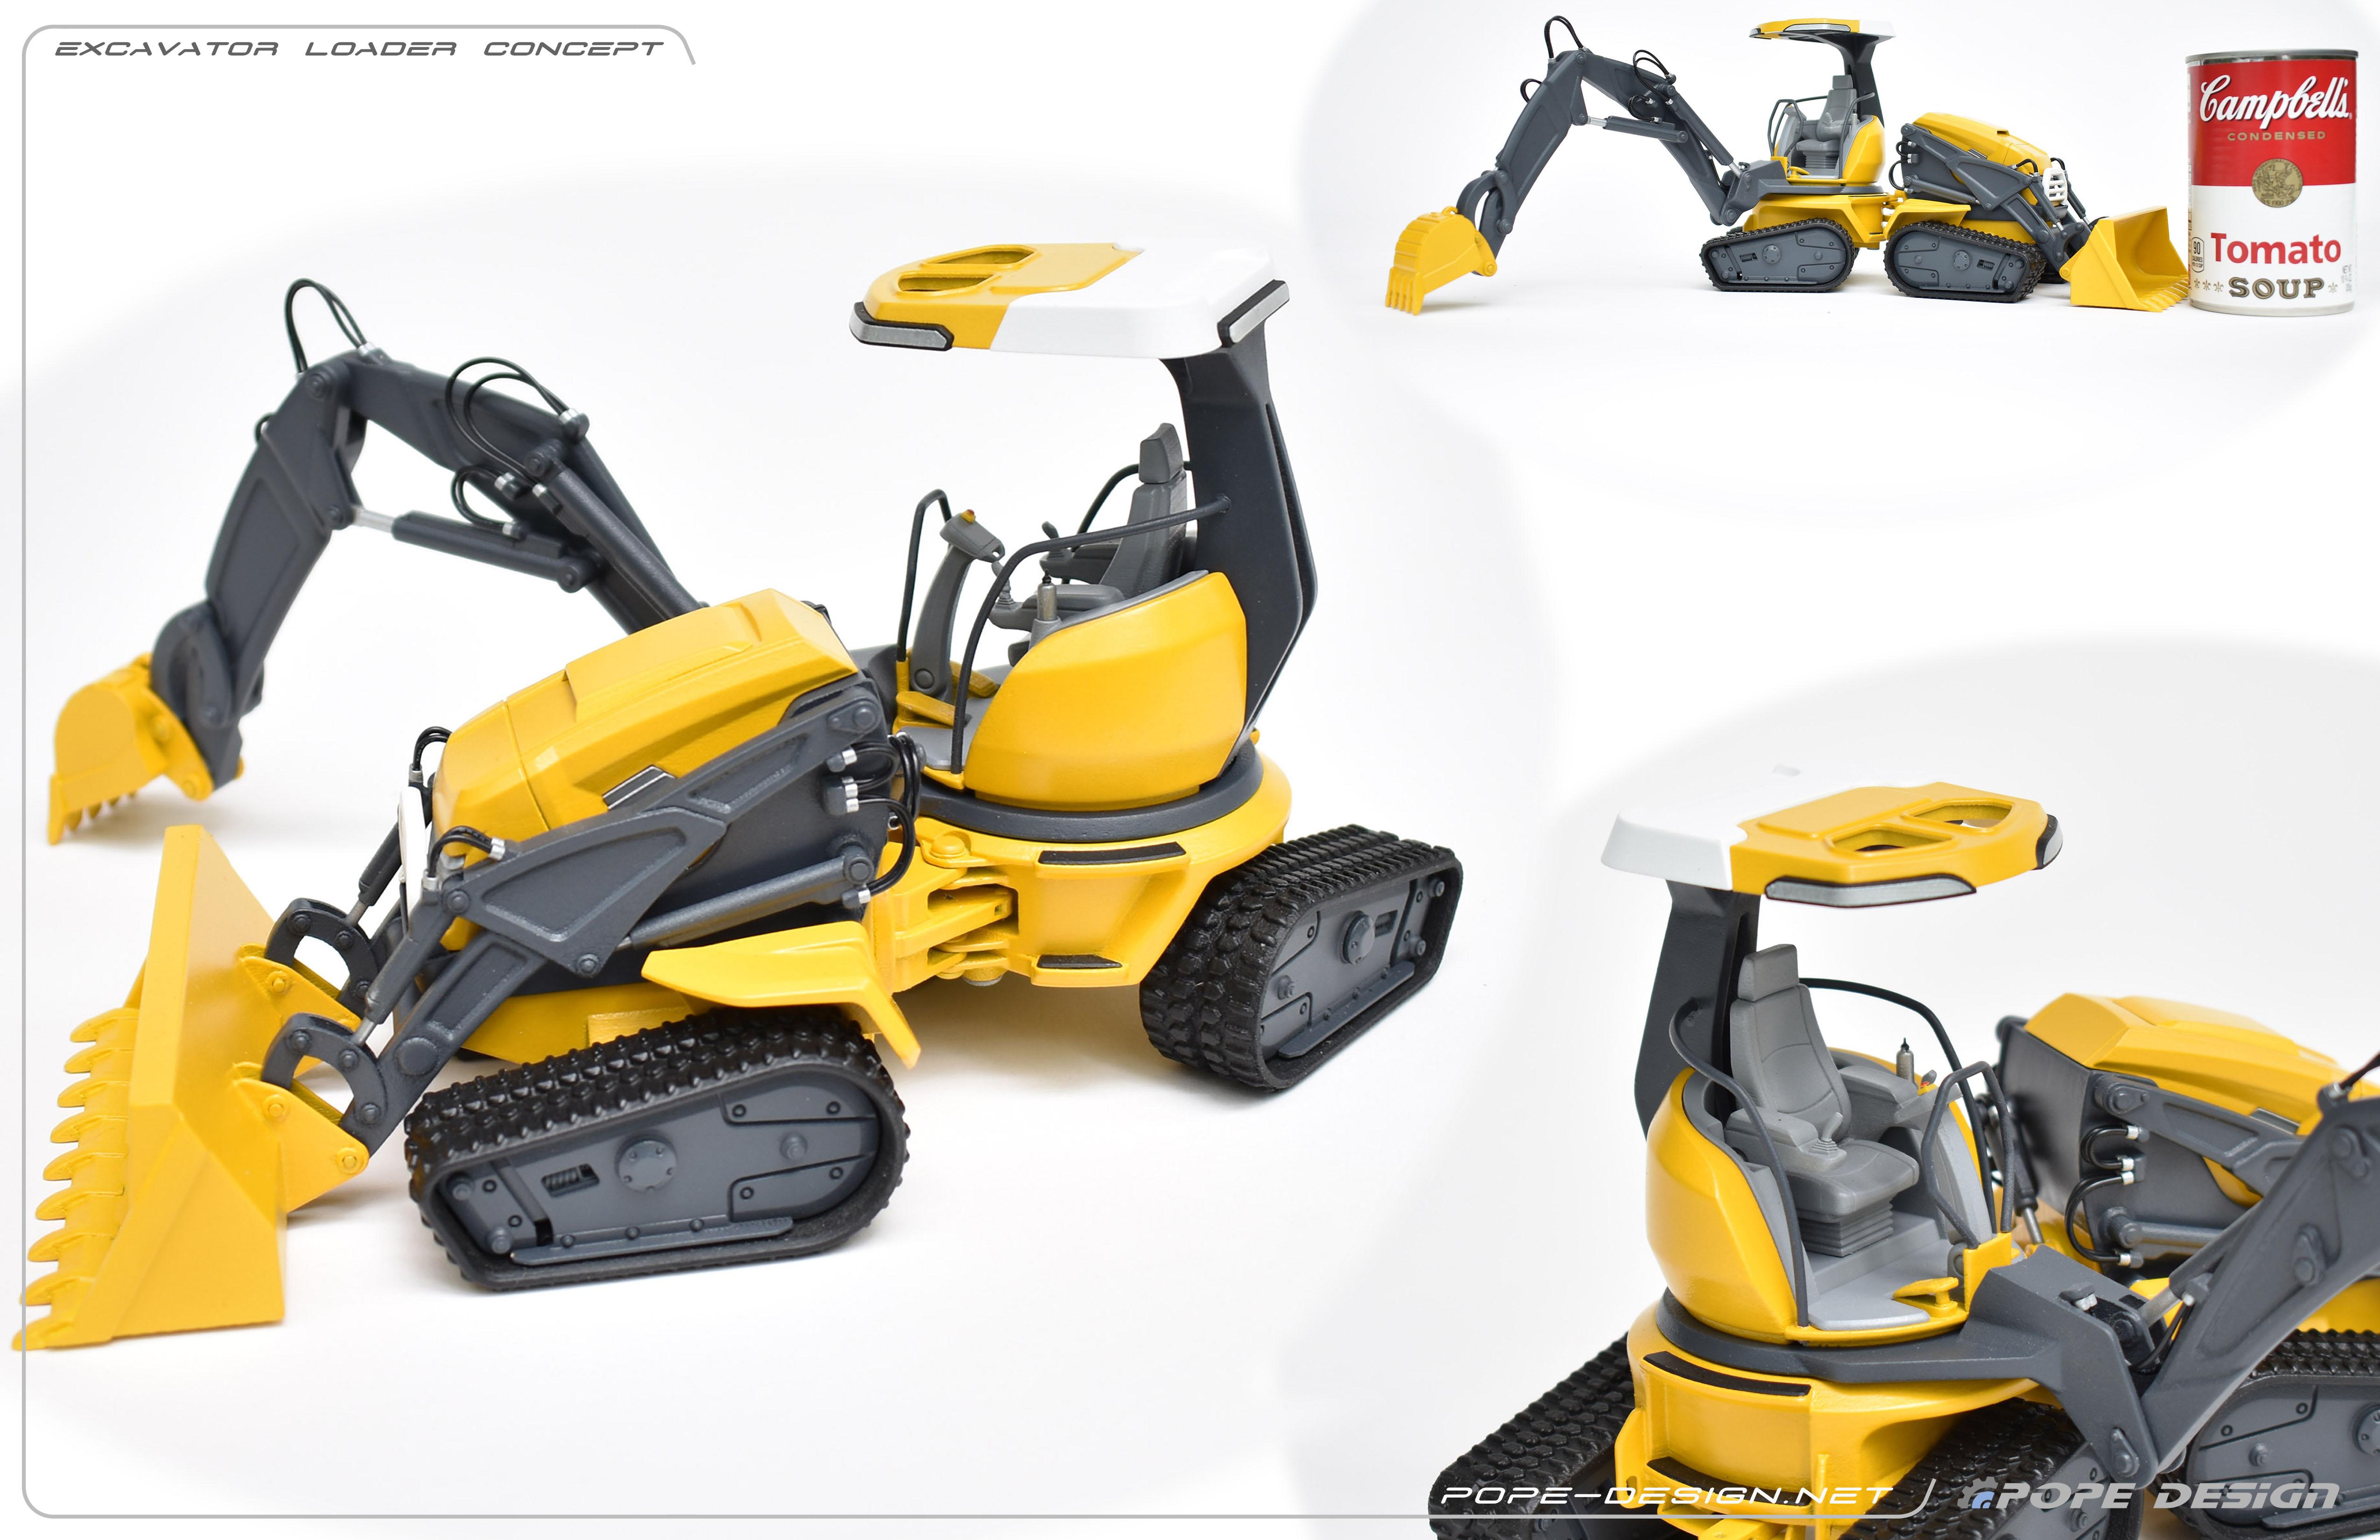 Excavator-loader-concept002.jpg